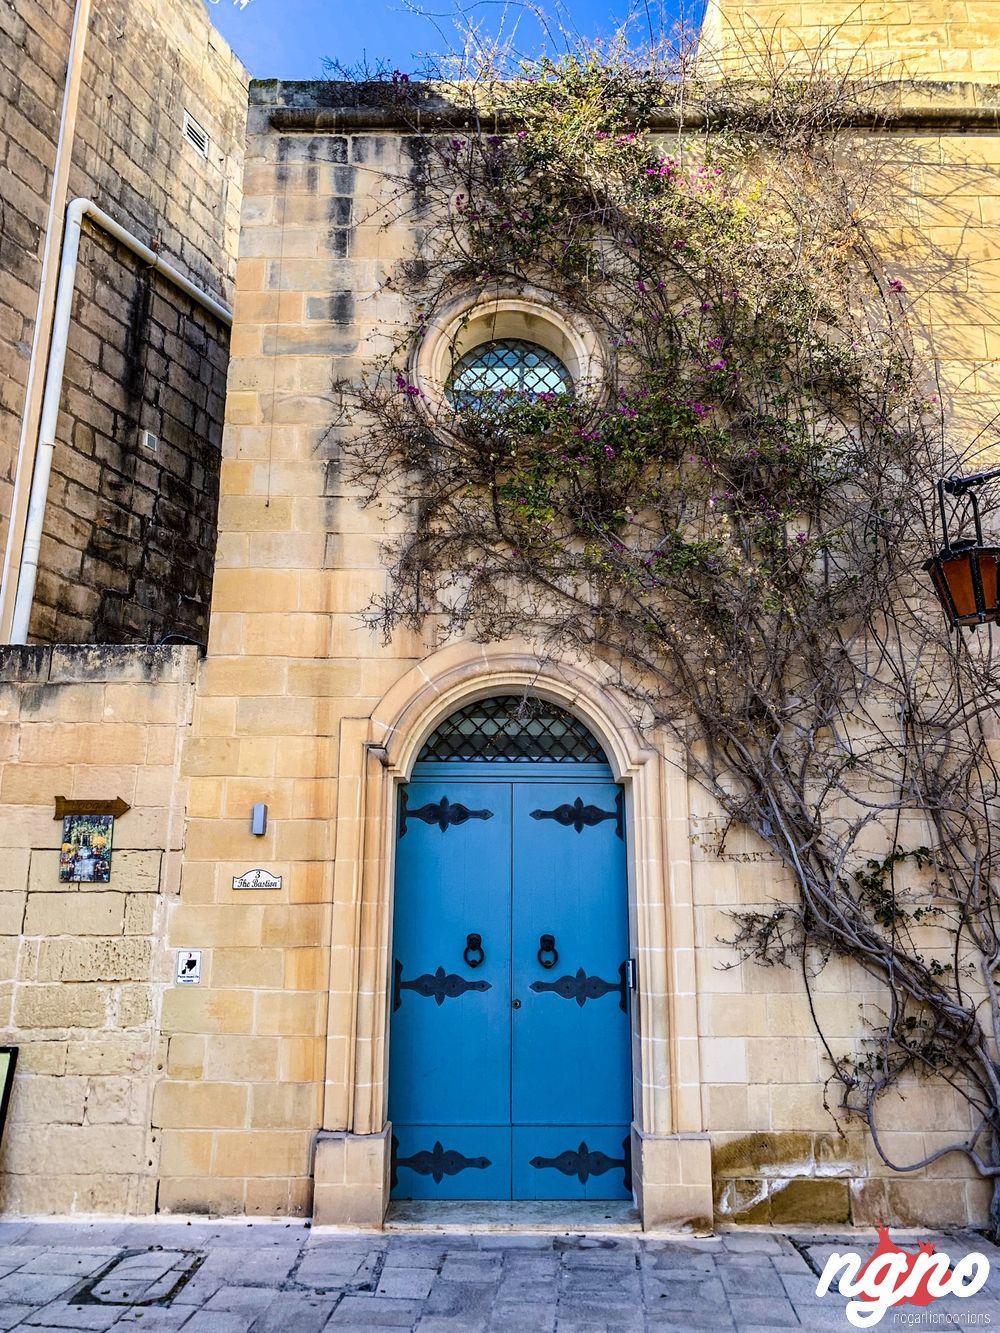 doors-malta-nogarlicnoonions-1312019-04-14-10-09-54